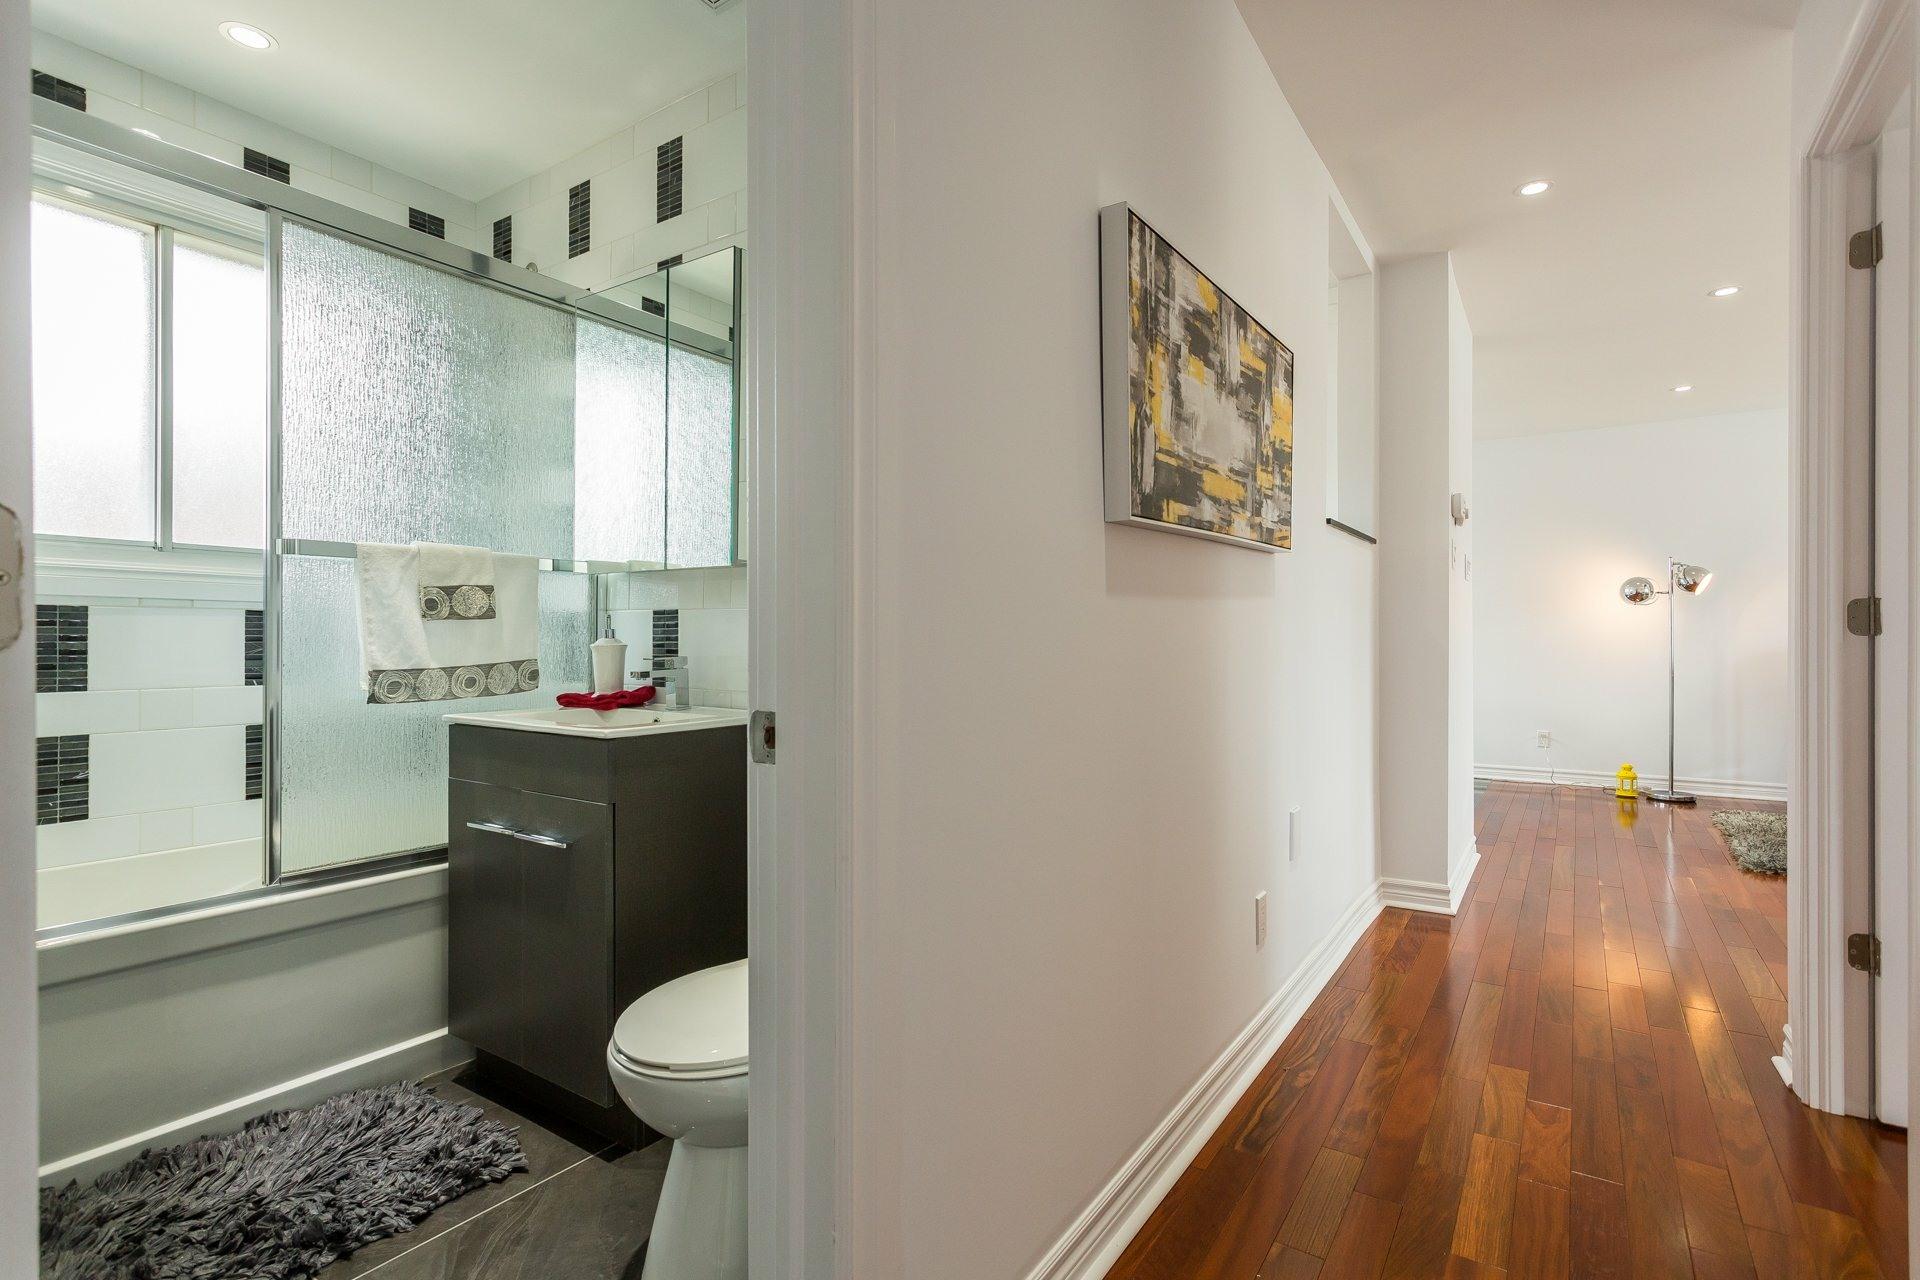 image 11 - House For sale Montréal Rosemont/La Petite-Patrie  - 6 rooms